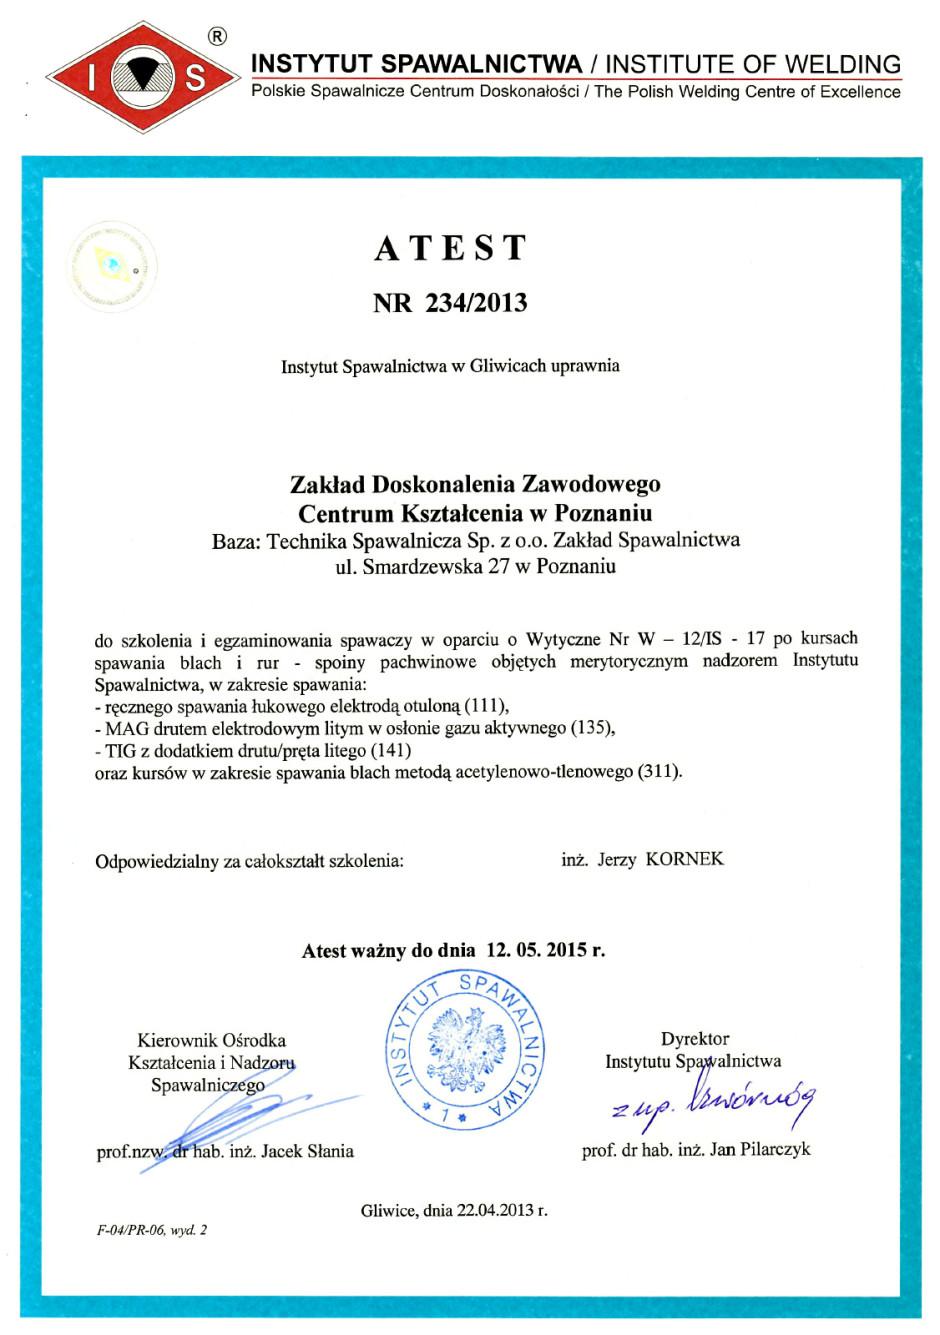 Atest Instytutu Spawalnictwa w Gliwicach